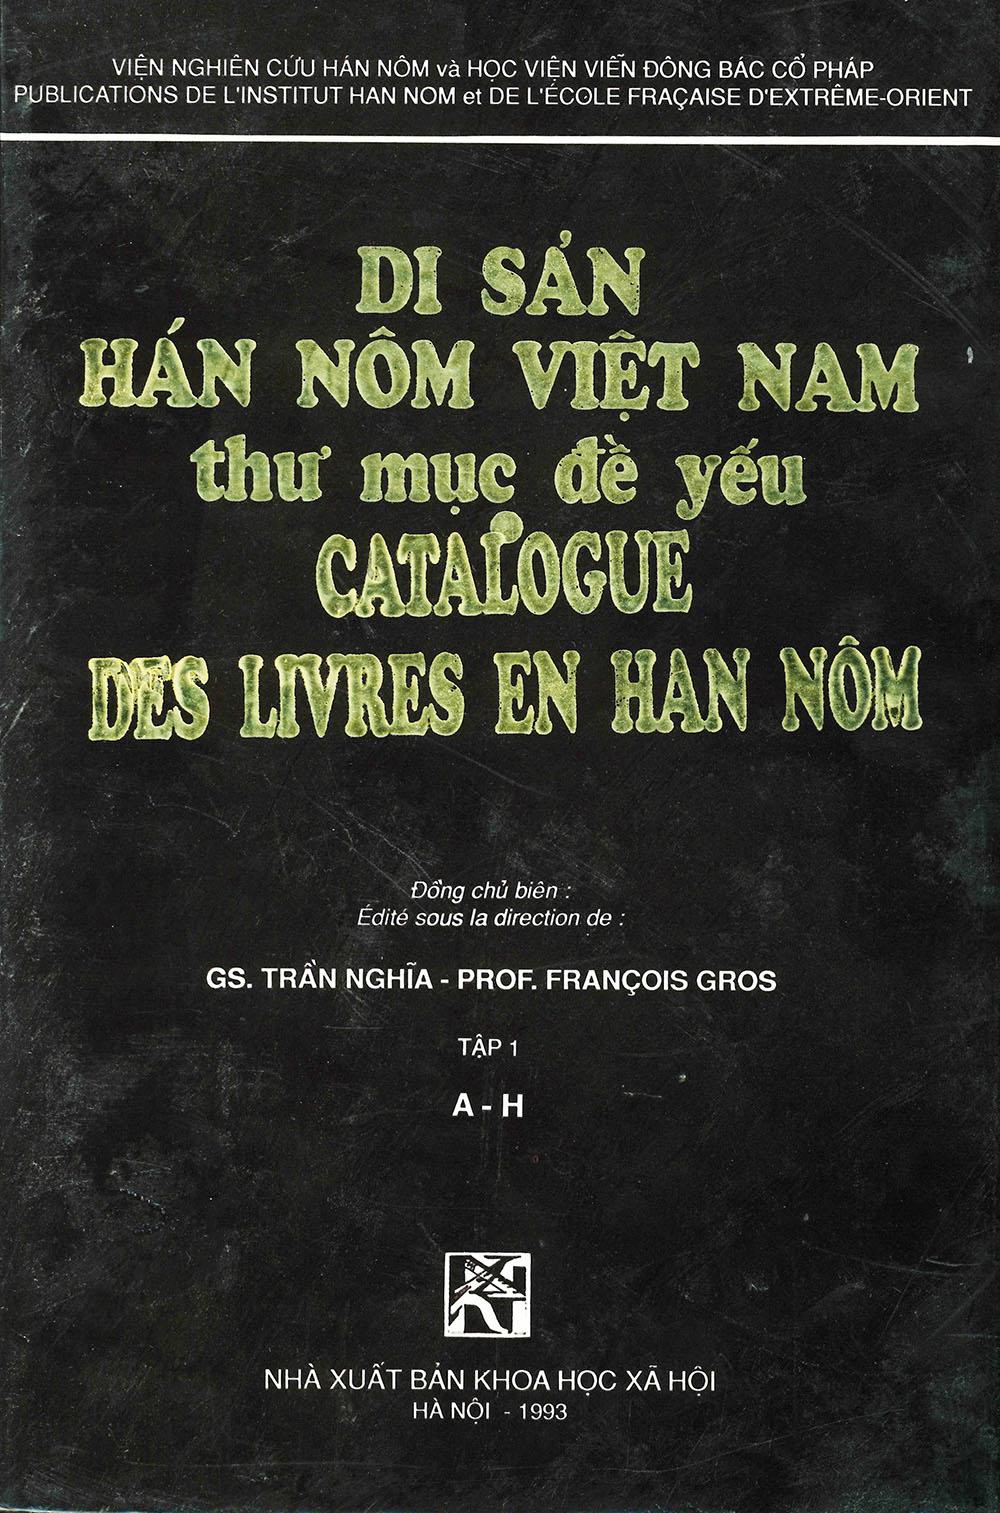 Catalogue des livres en Han Nôm = Di sản Hán Nôm Việt Nam (thư mục đề yếu / đồng chủ biên)